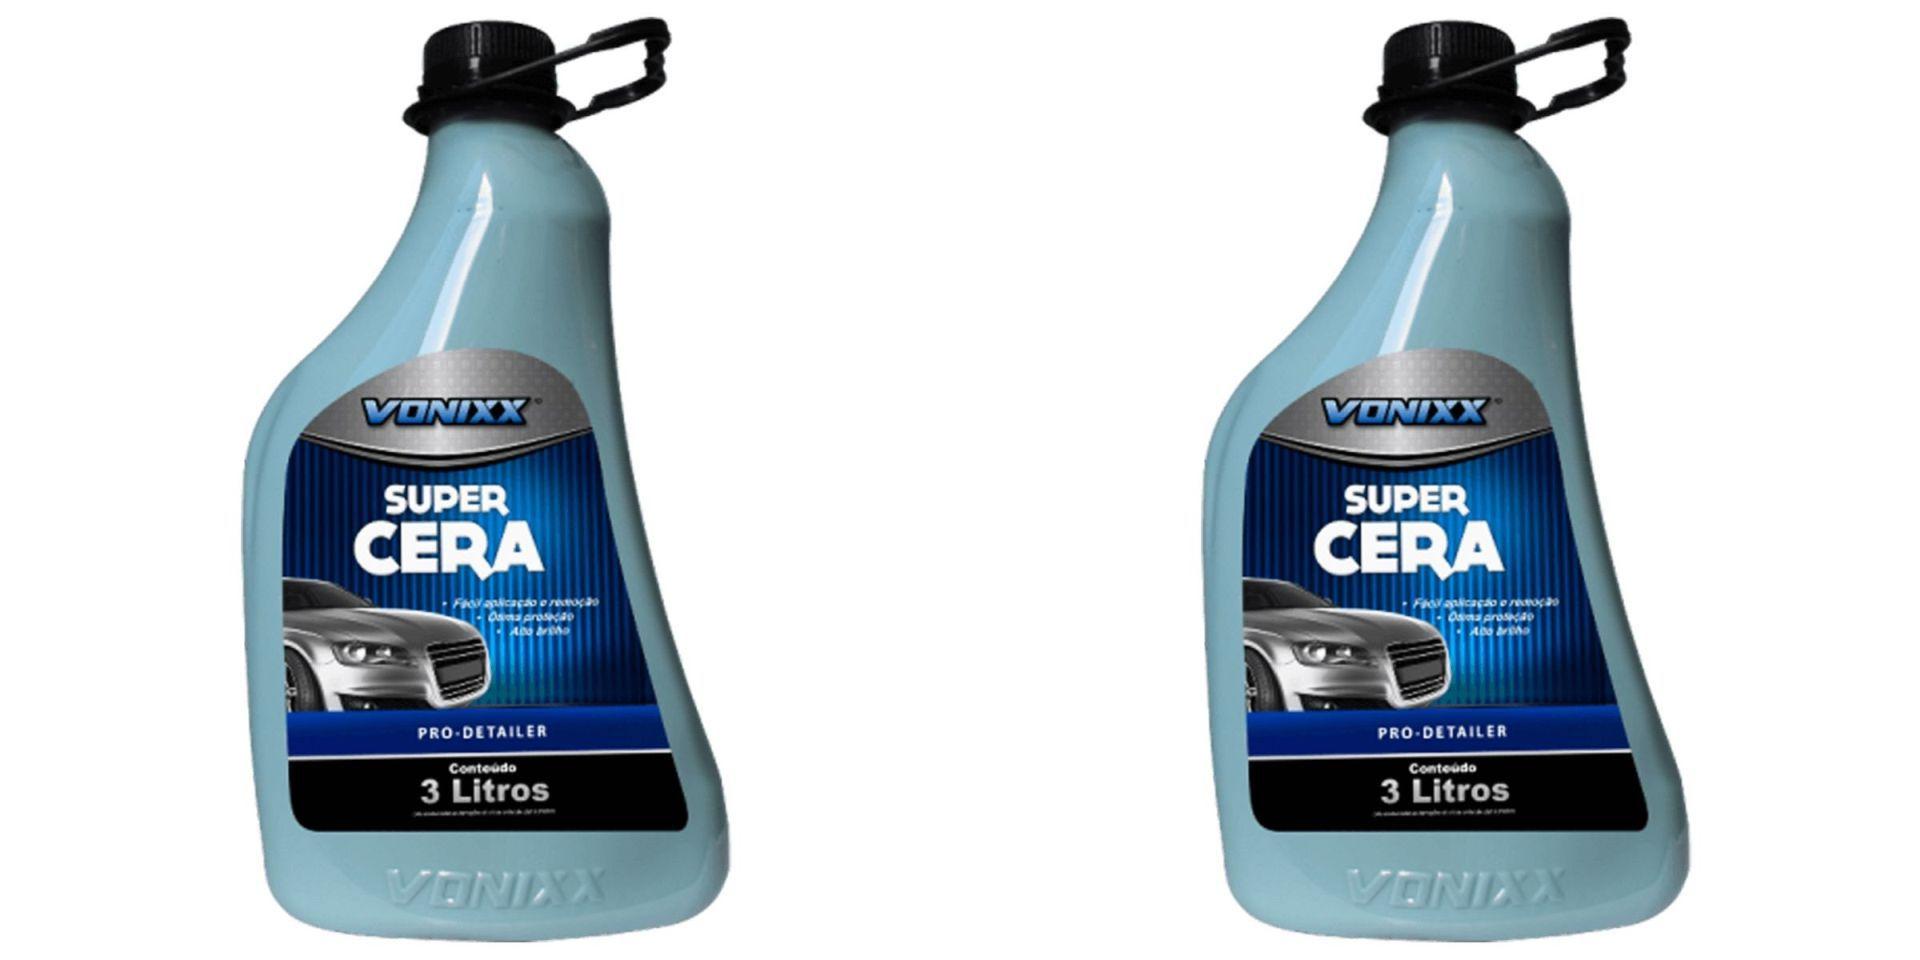 Kit Com 2 Unidades Super Cera Liquida 3L Vonixx